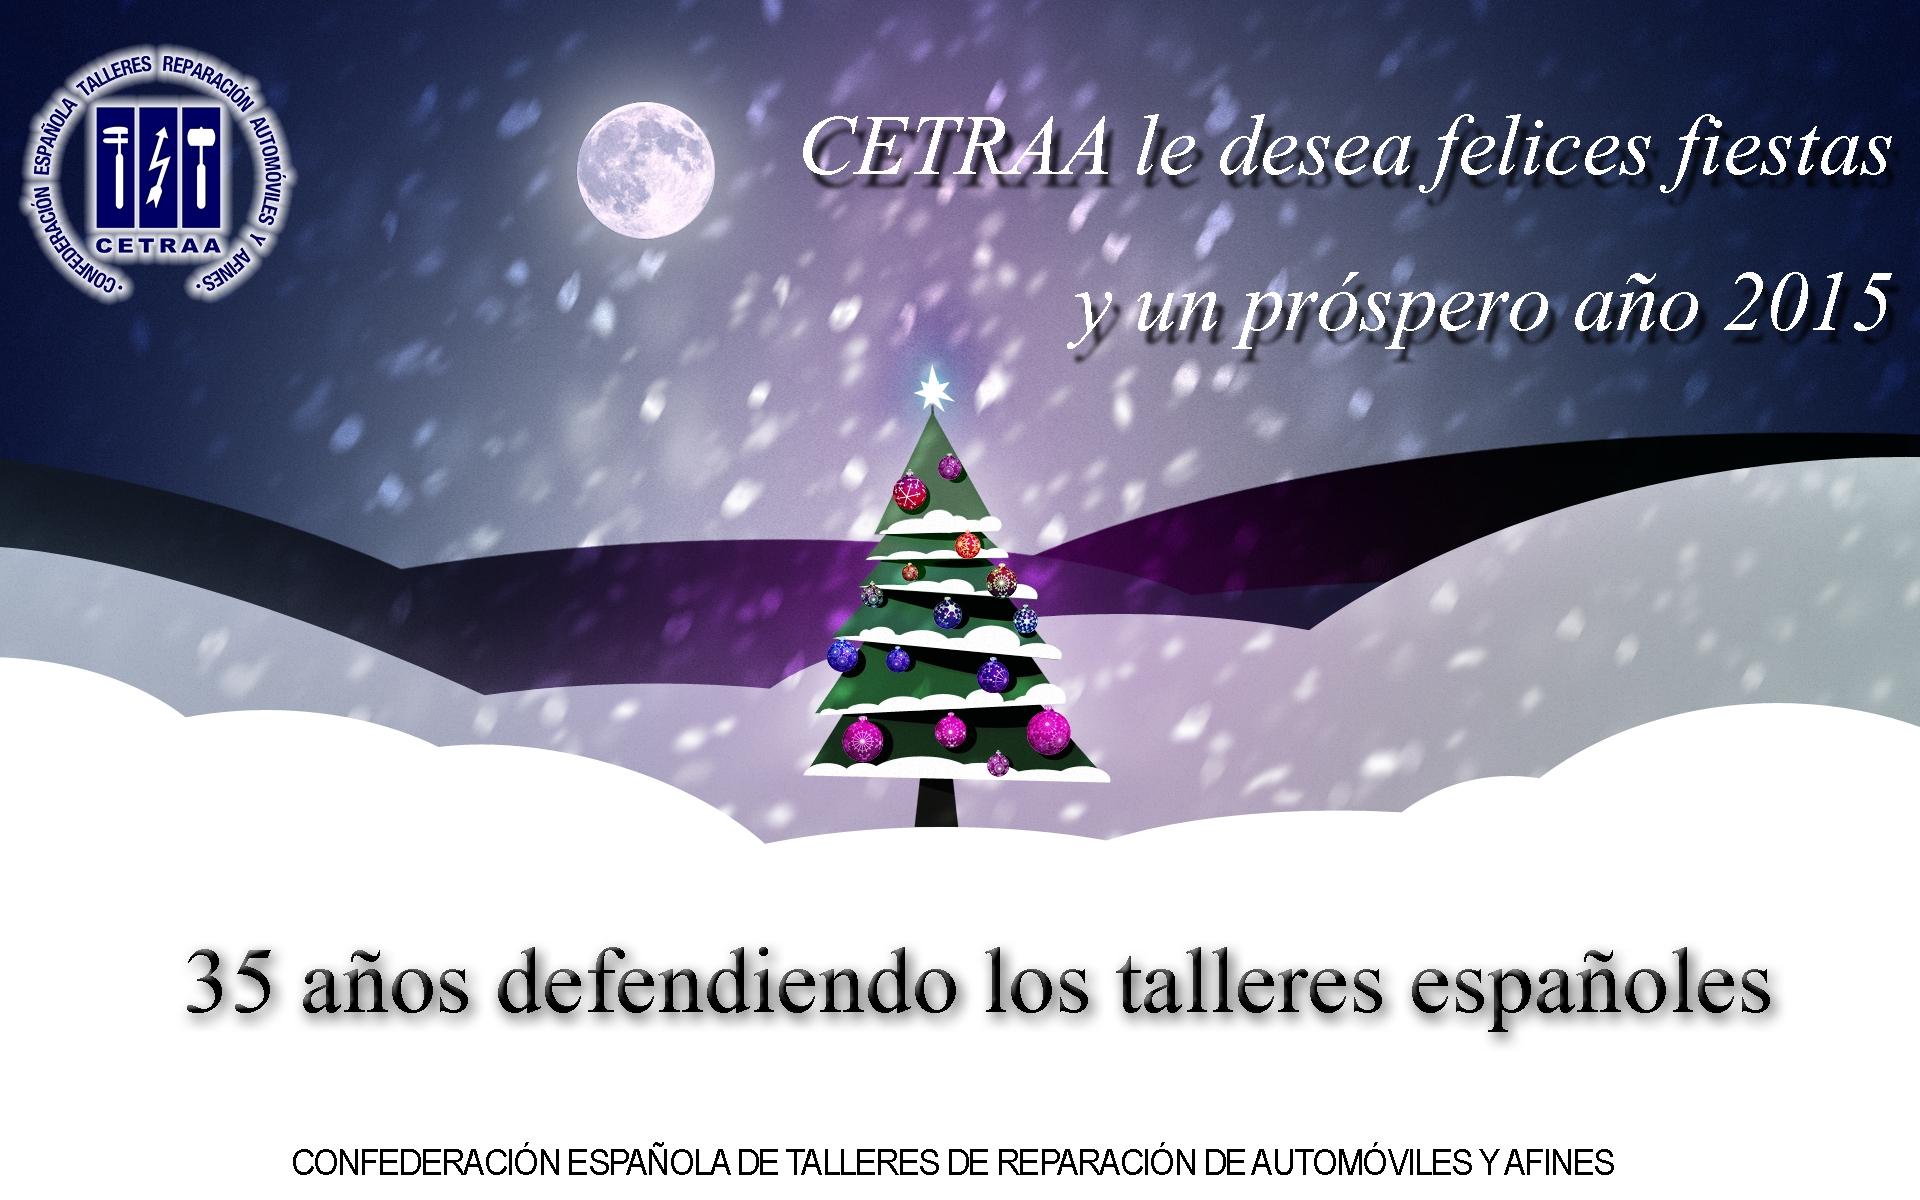 La Confederación Española de Talleres le desea felices fiestas y un próspero 2015